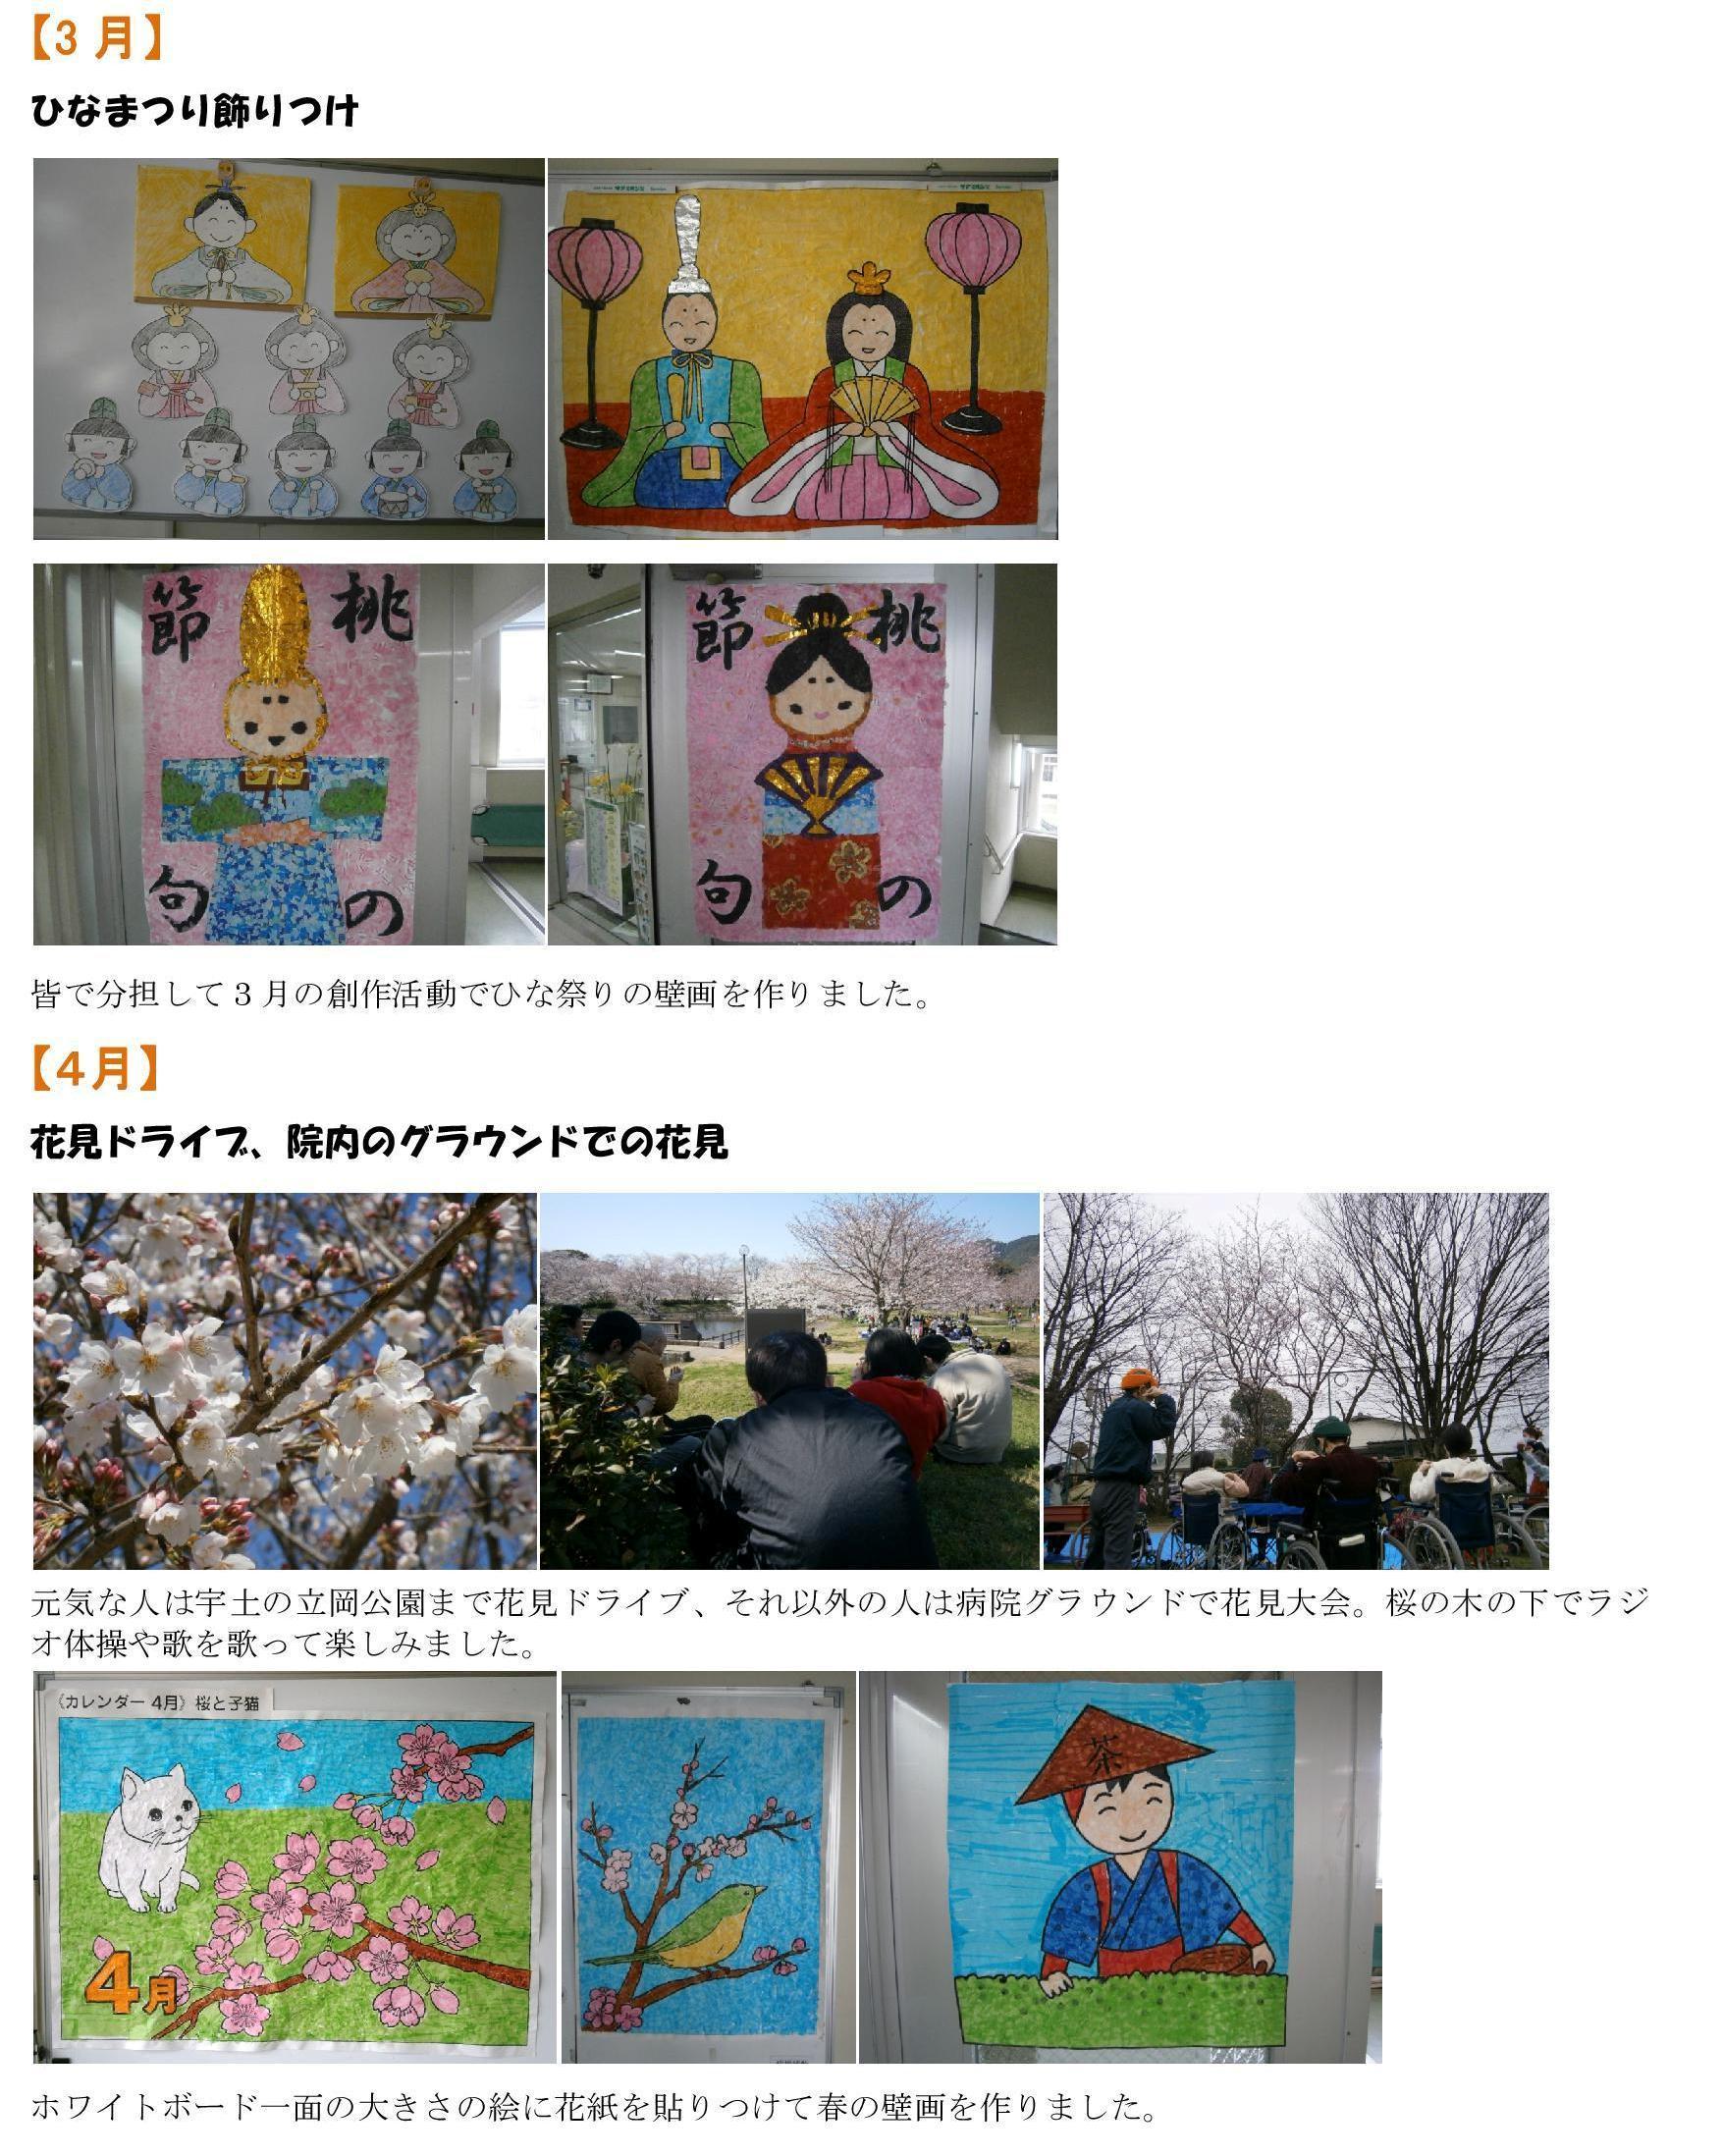 nishi_working_201503-4